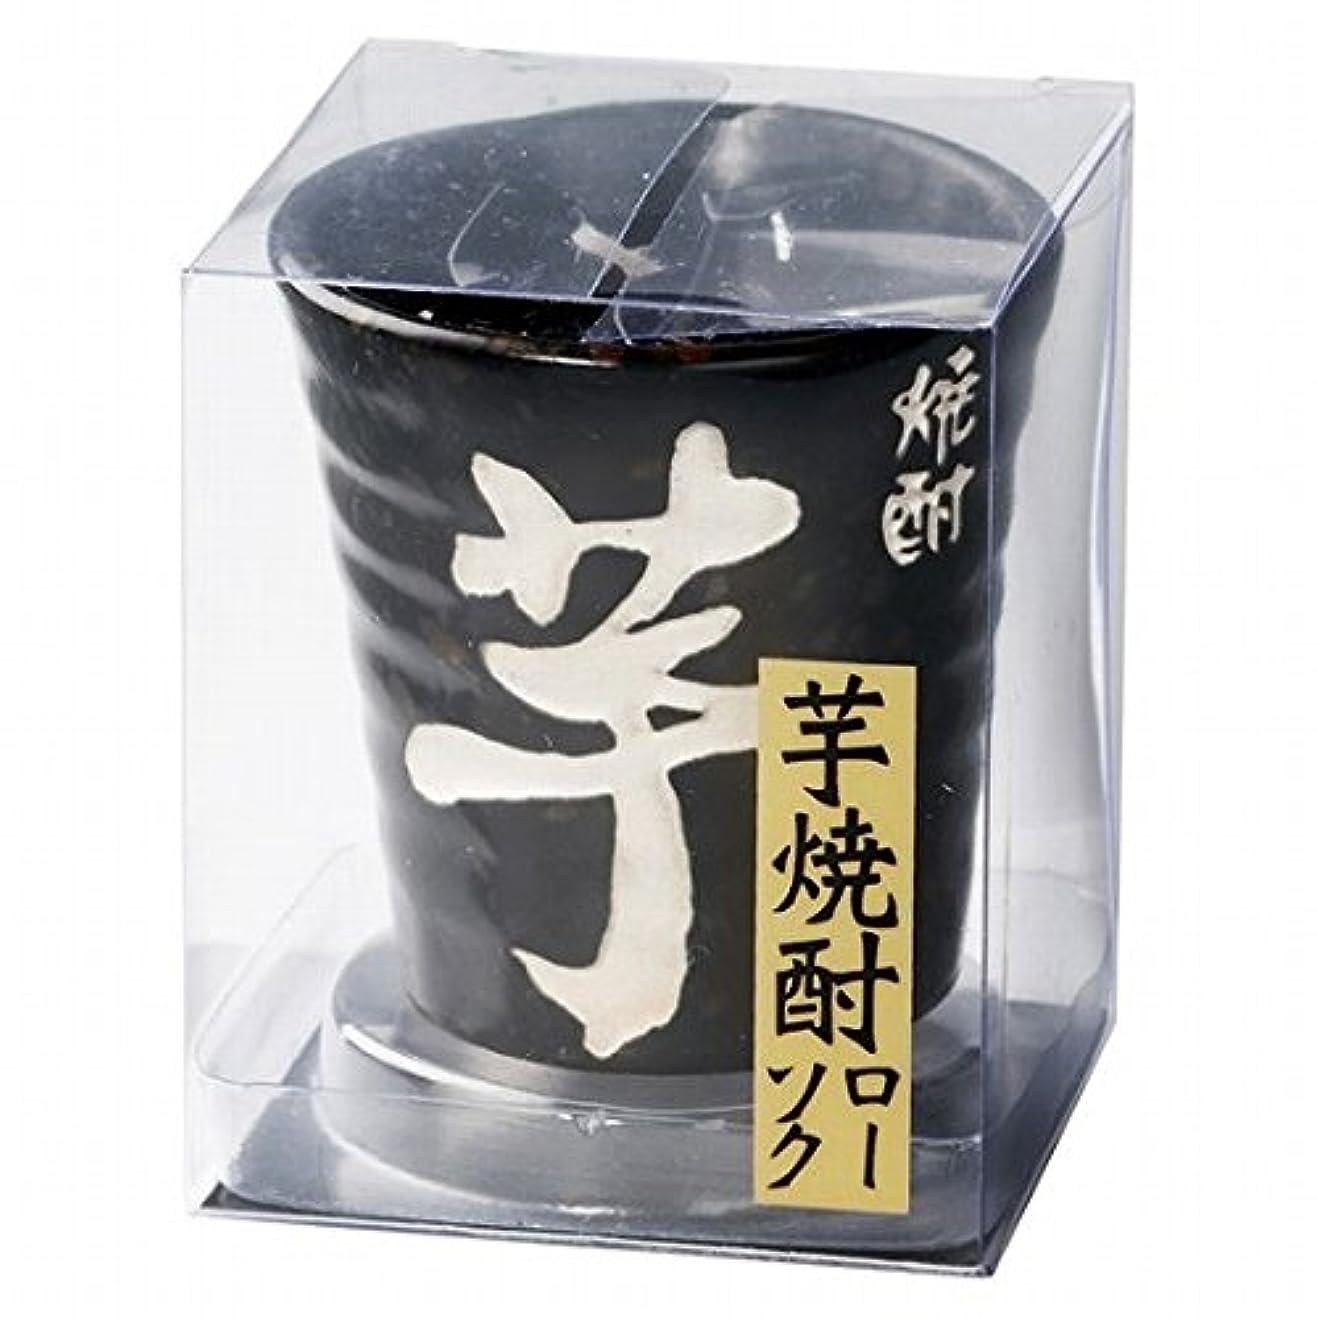 変化する議題素晴らしい良い多くのカメヤマキャンドル(kameyama candle) 芋焼酎ローソク キャンドル